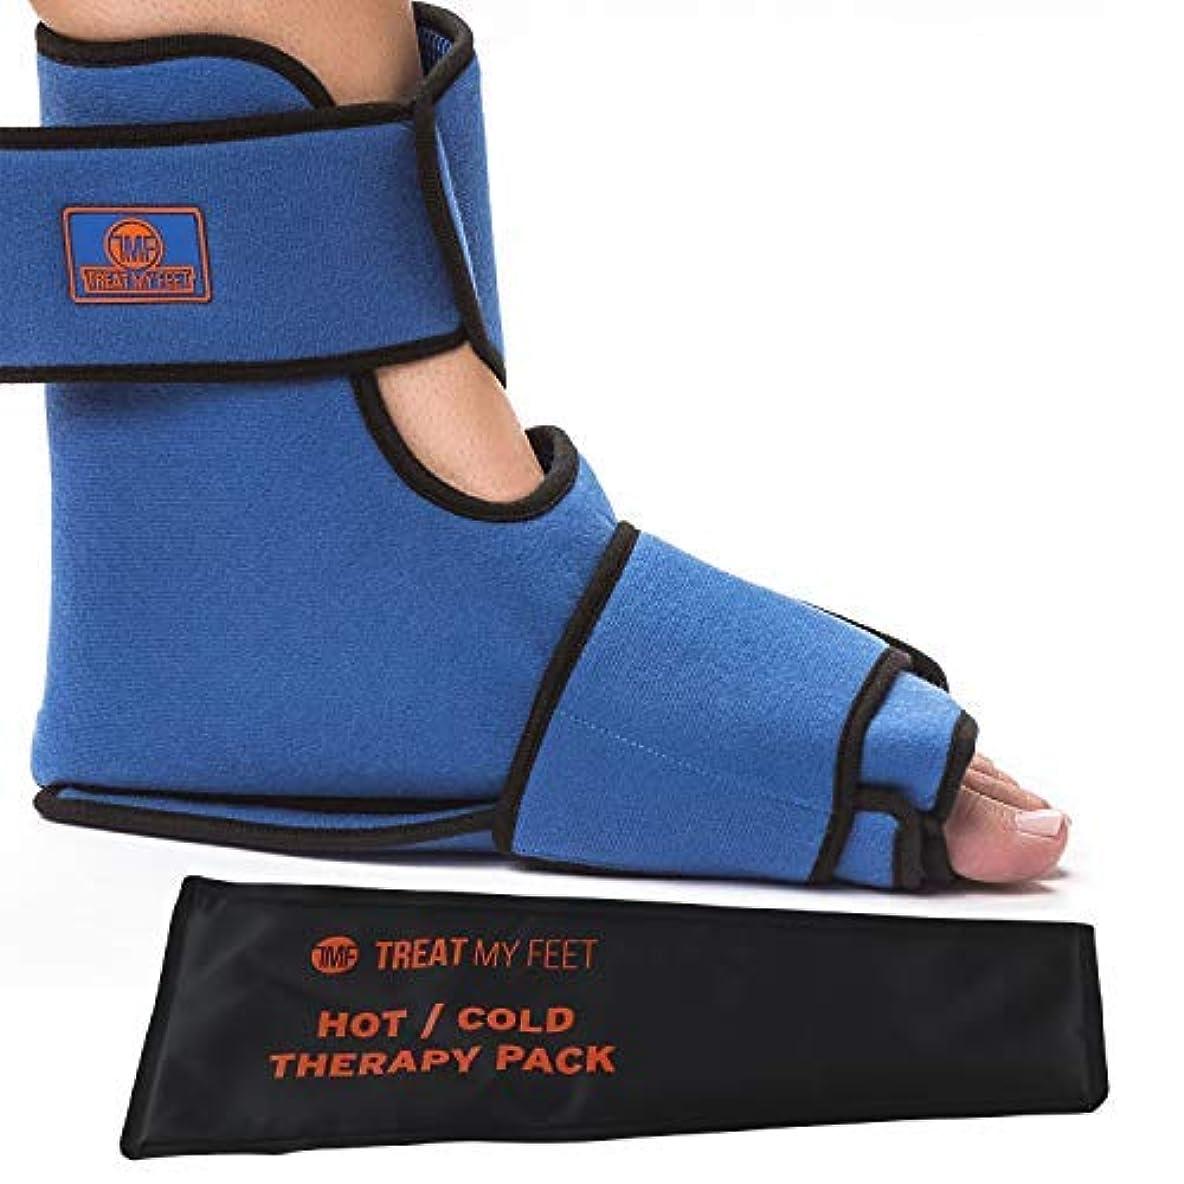 覆す達成する金銭的Treat My Feet 足&足首の痛みを軽減するホット/コールドセラピーシステム - フットアイスパックラップ - 足首、足の向け圧縮ラップパックを使用してけがから足と足首の痛み&痛みを和らげます。熱や凍結ジェル挿入...